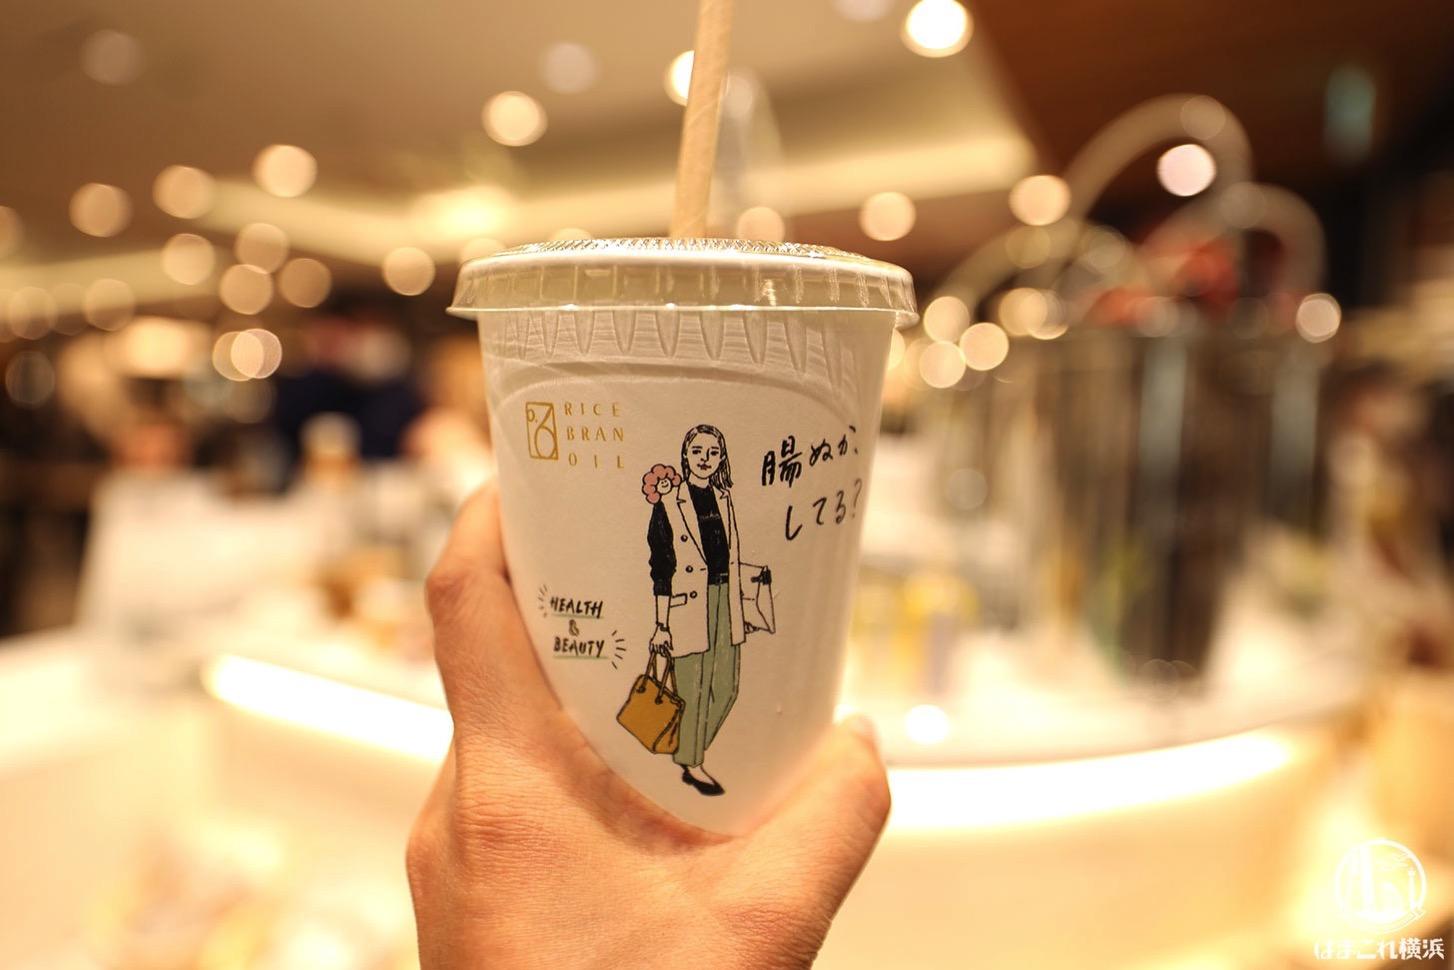 横浜高島屋「0.6ライスブランオイル」の米ぬかスムージーが美味!飲める米糠なども展開